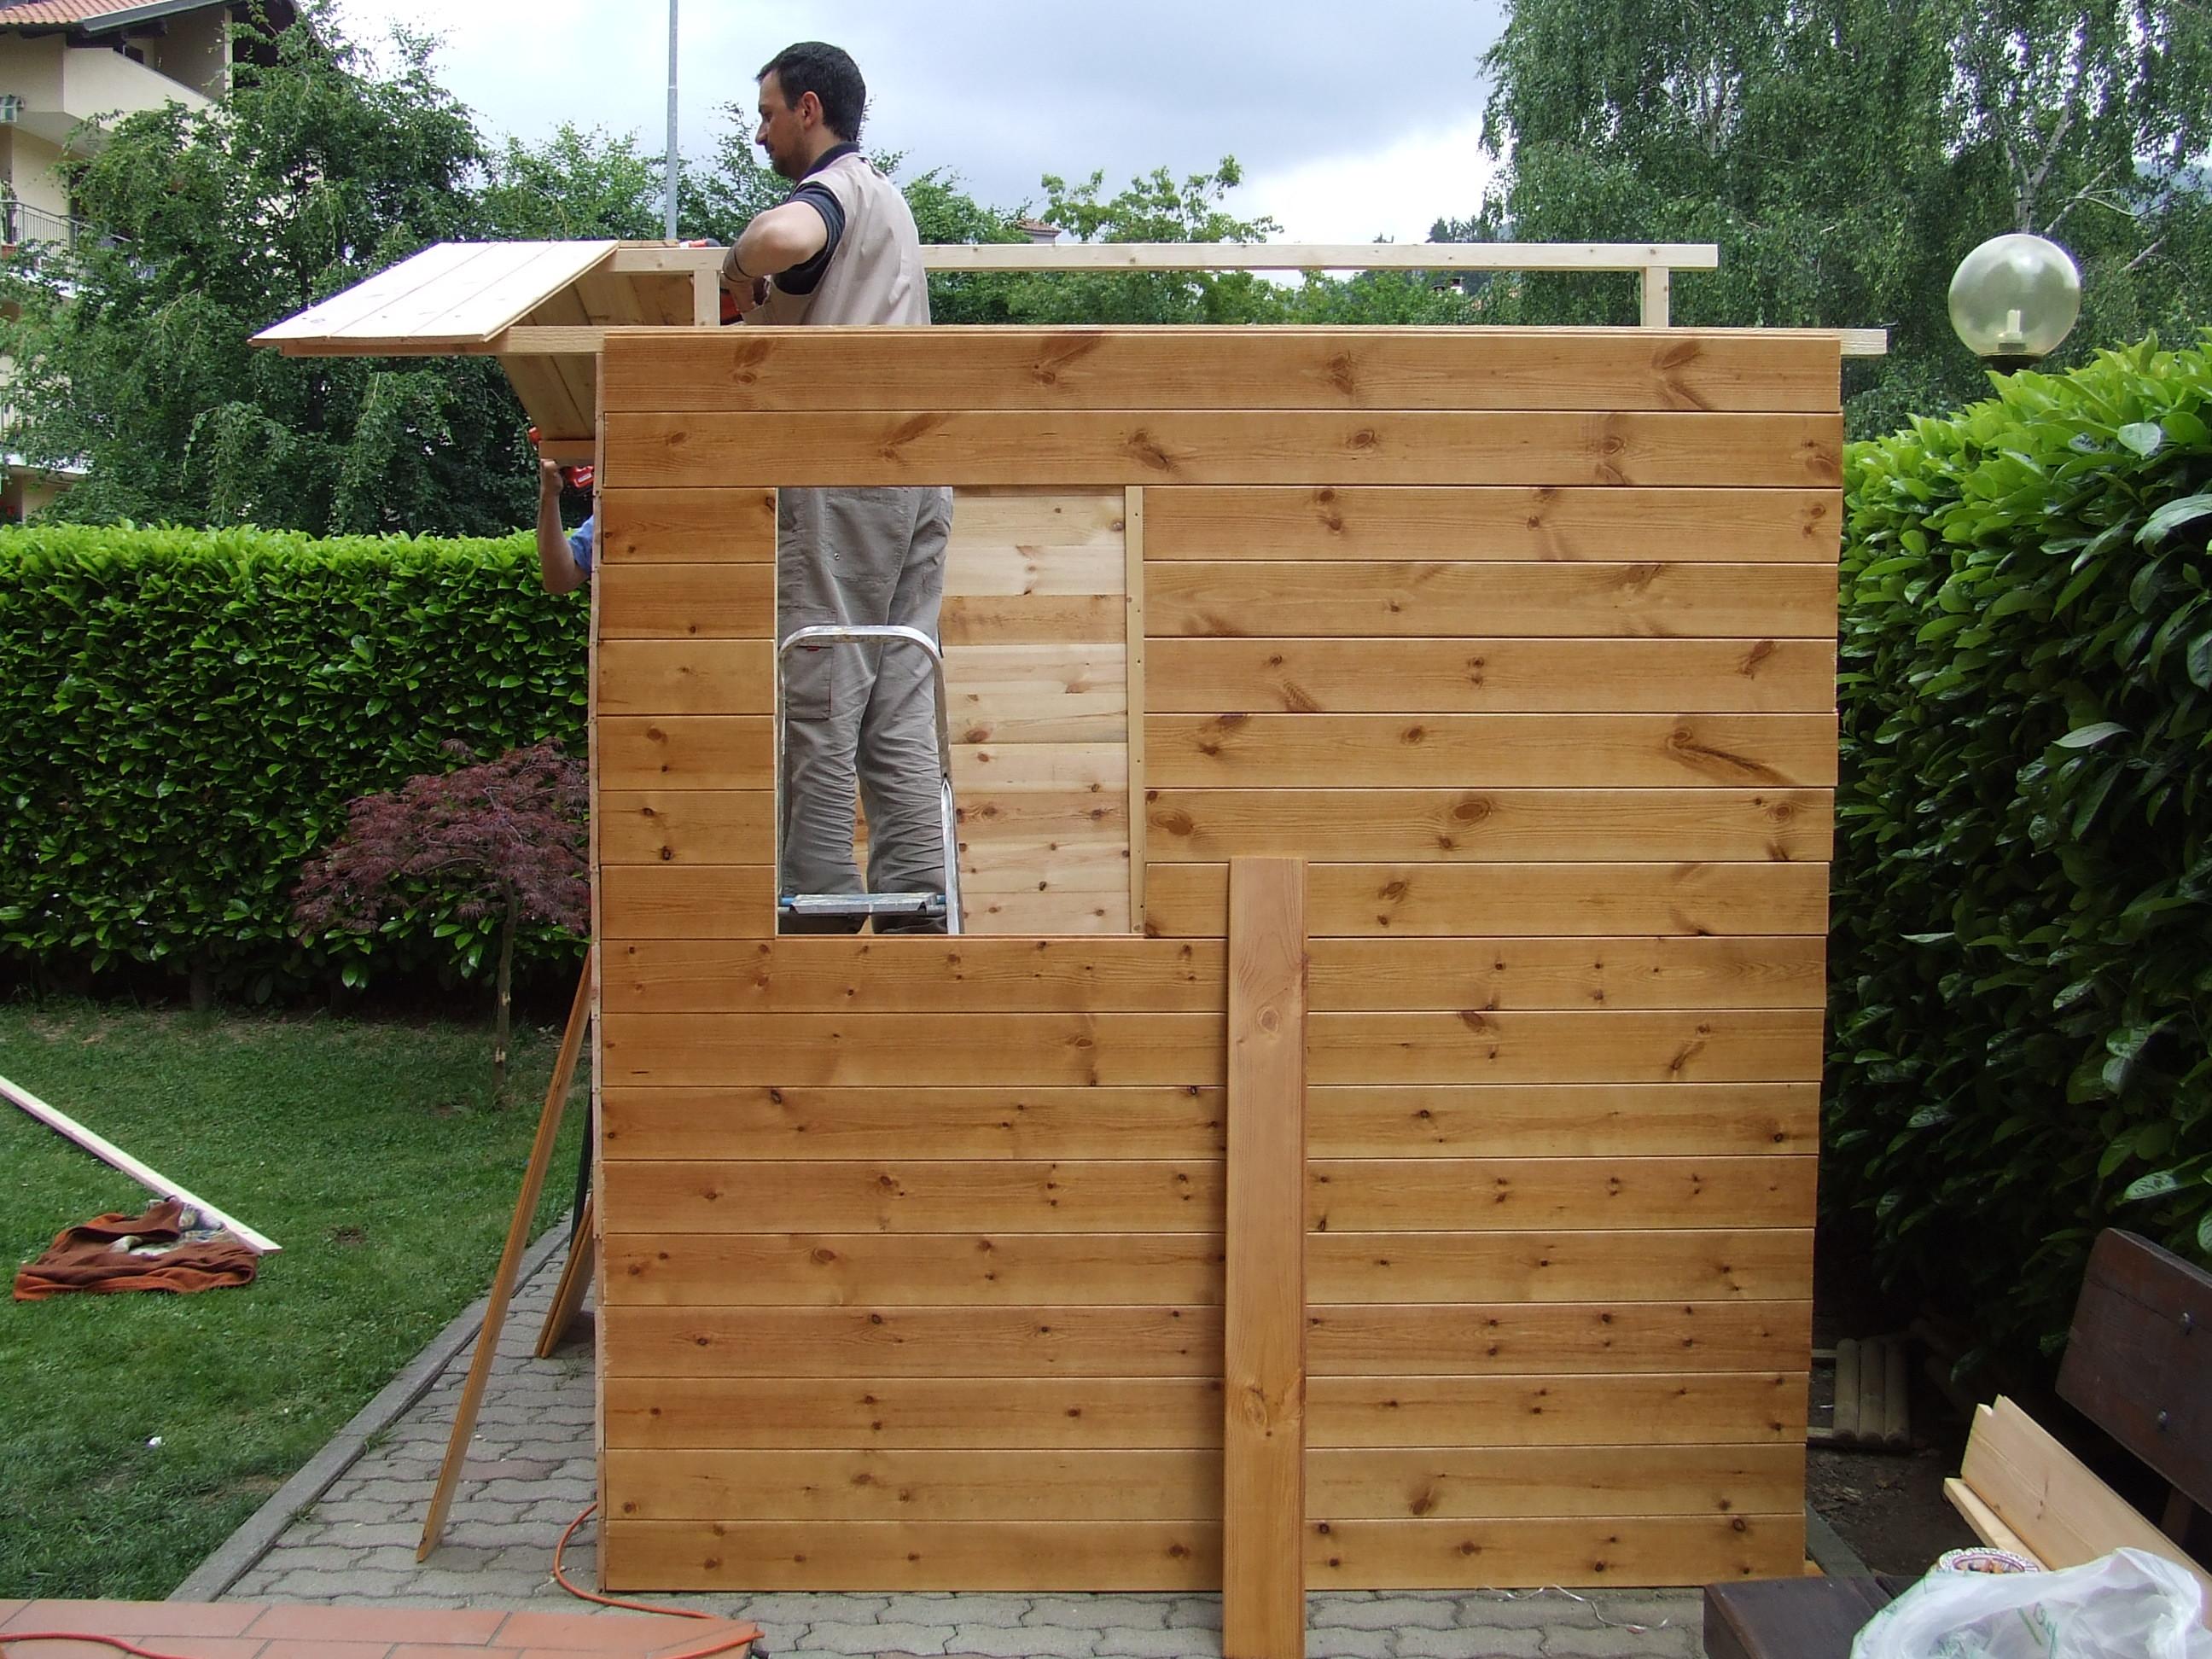 Casetta porta attrezzi in legno fai da te fardasefapertre for Comprare una casa di legno